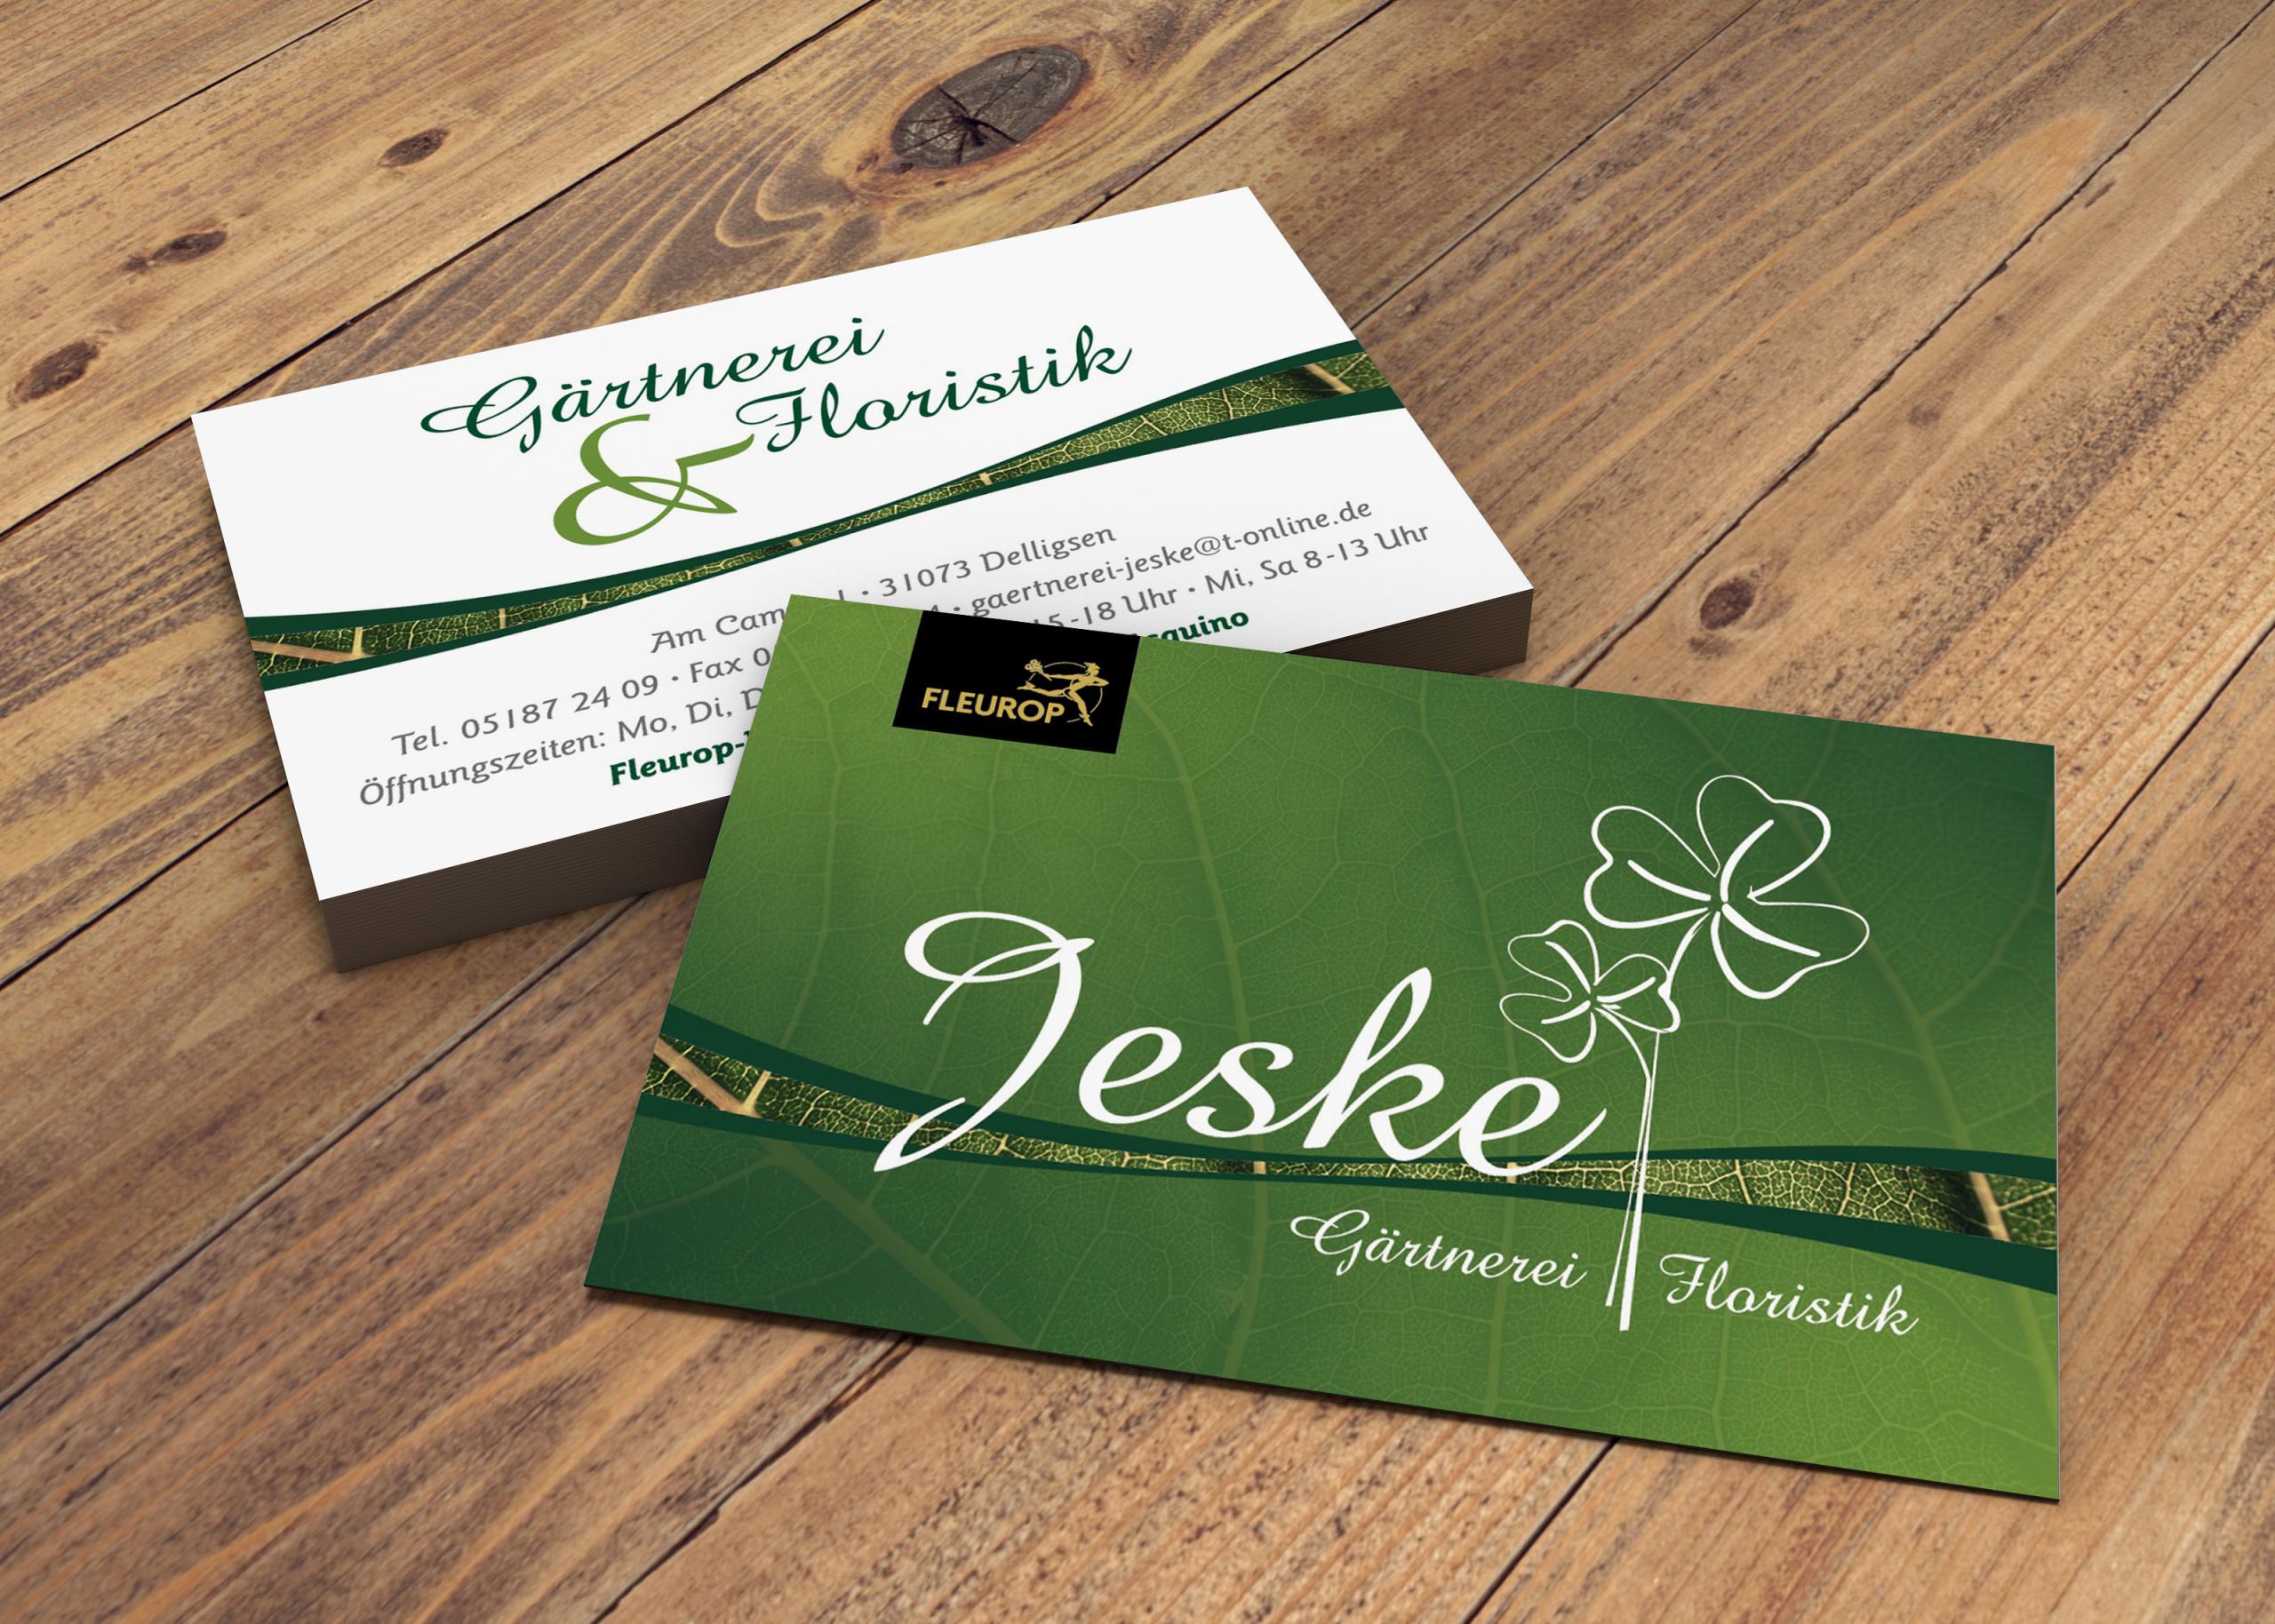 Neues Visitenkartendesign für Gärtnerei und Floristik Jeske aus Delligsen